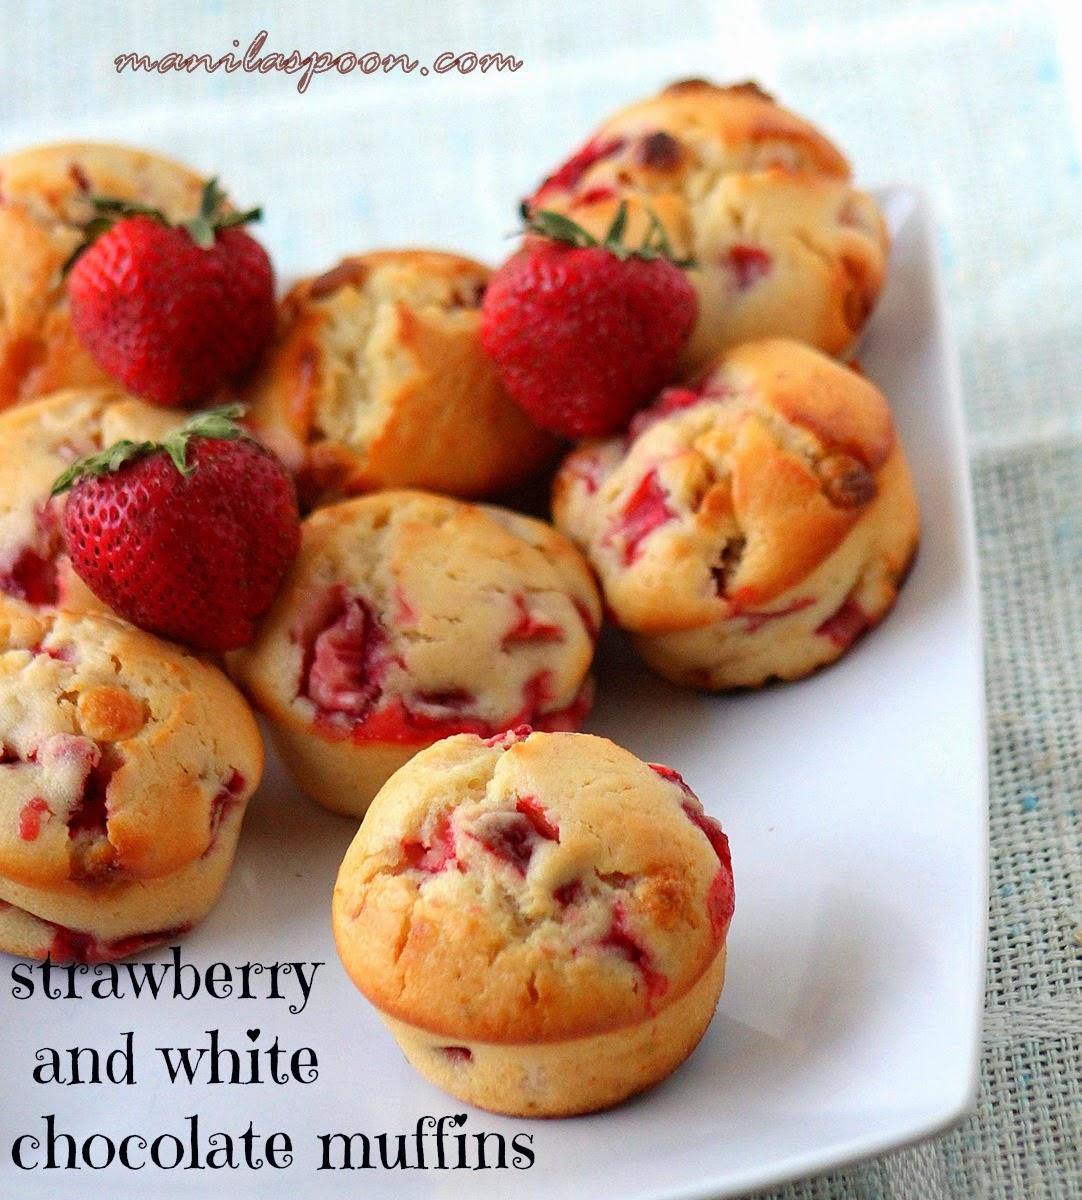 Fresh Strawberry and White Chocolate Muffins